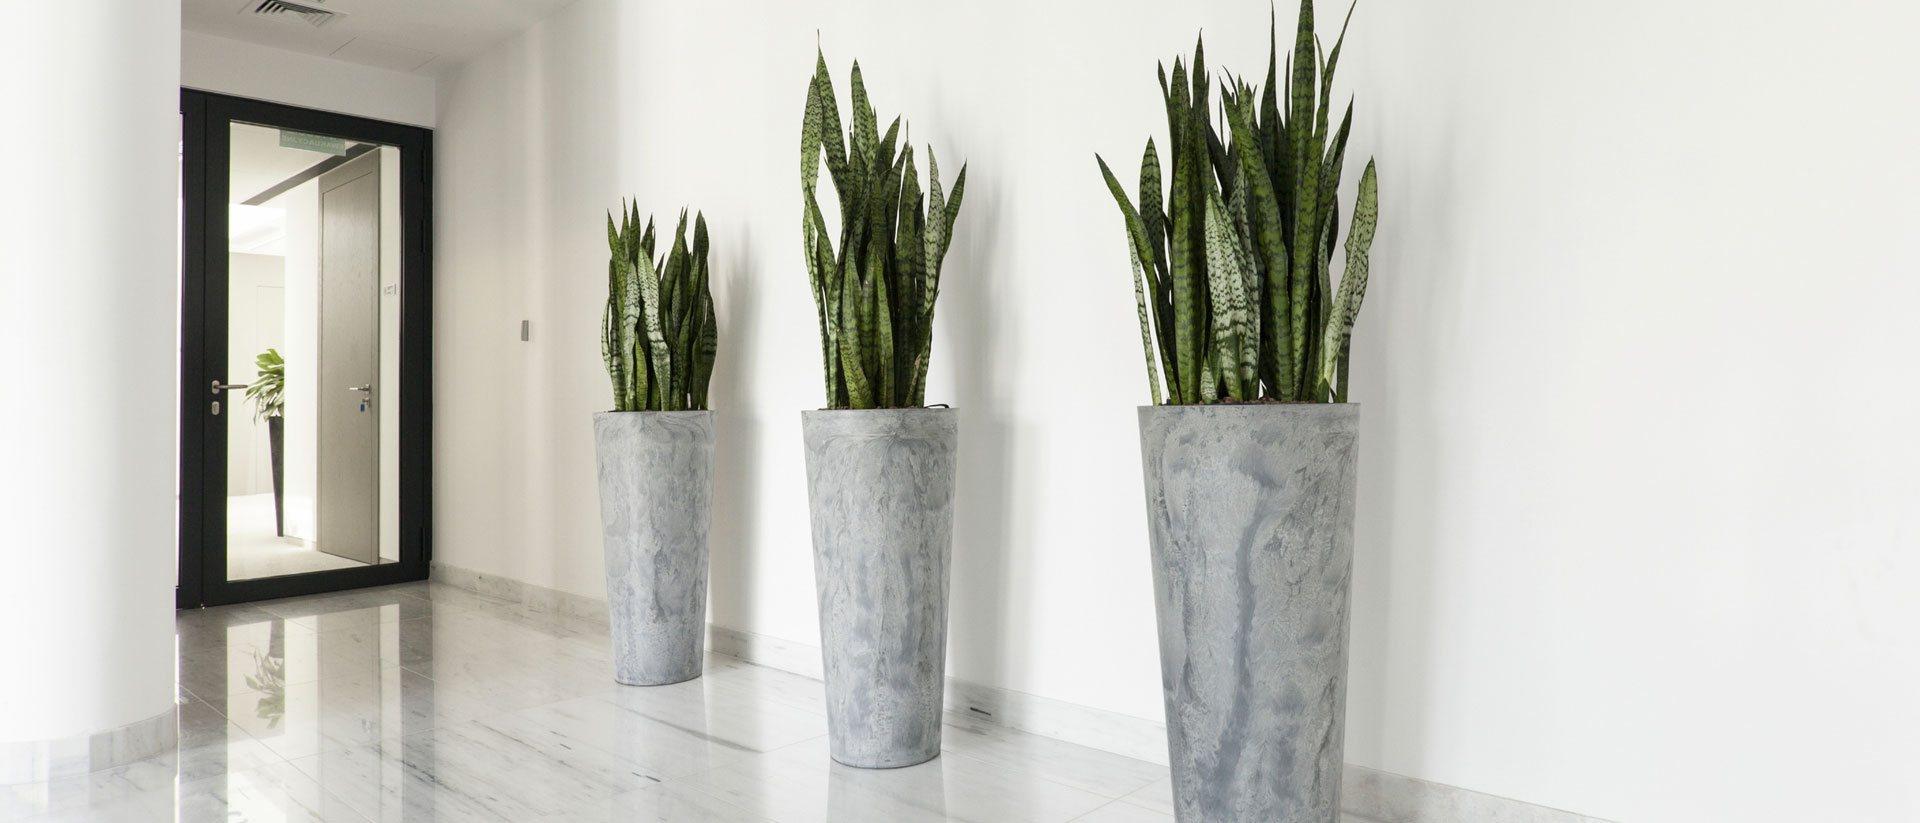 Noleggio piante Roma Idroservice